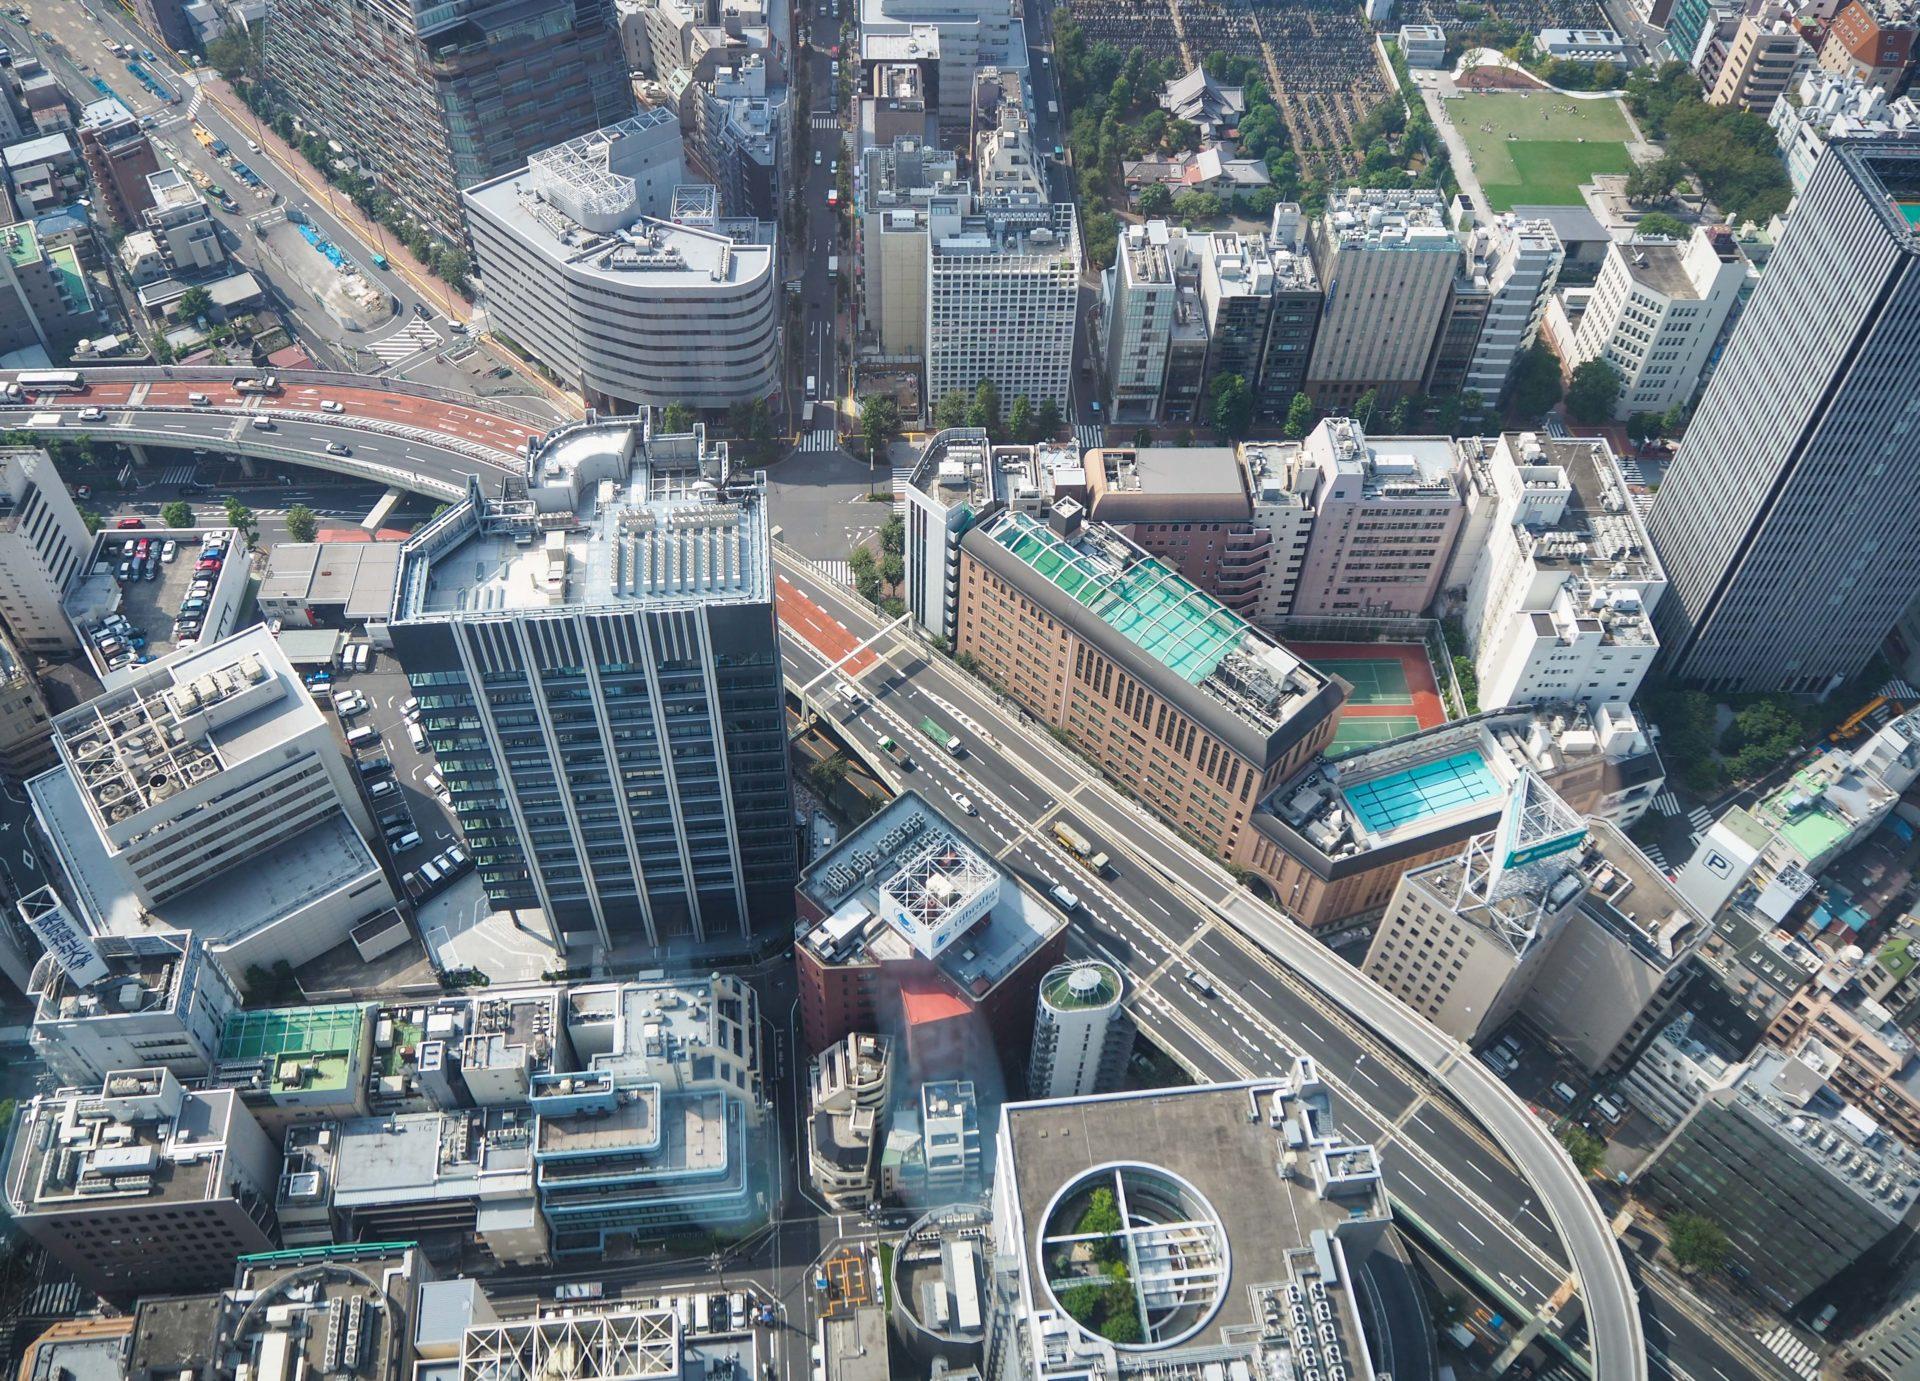 Vue depuis le Sky Circus Sunshine 60 à Ikebukuro - Escale à Tokyo: 24h dans la capitale du Japon - Tokyo en 24h - Récit et itinéraire pour visiter Tokyo en une journée